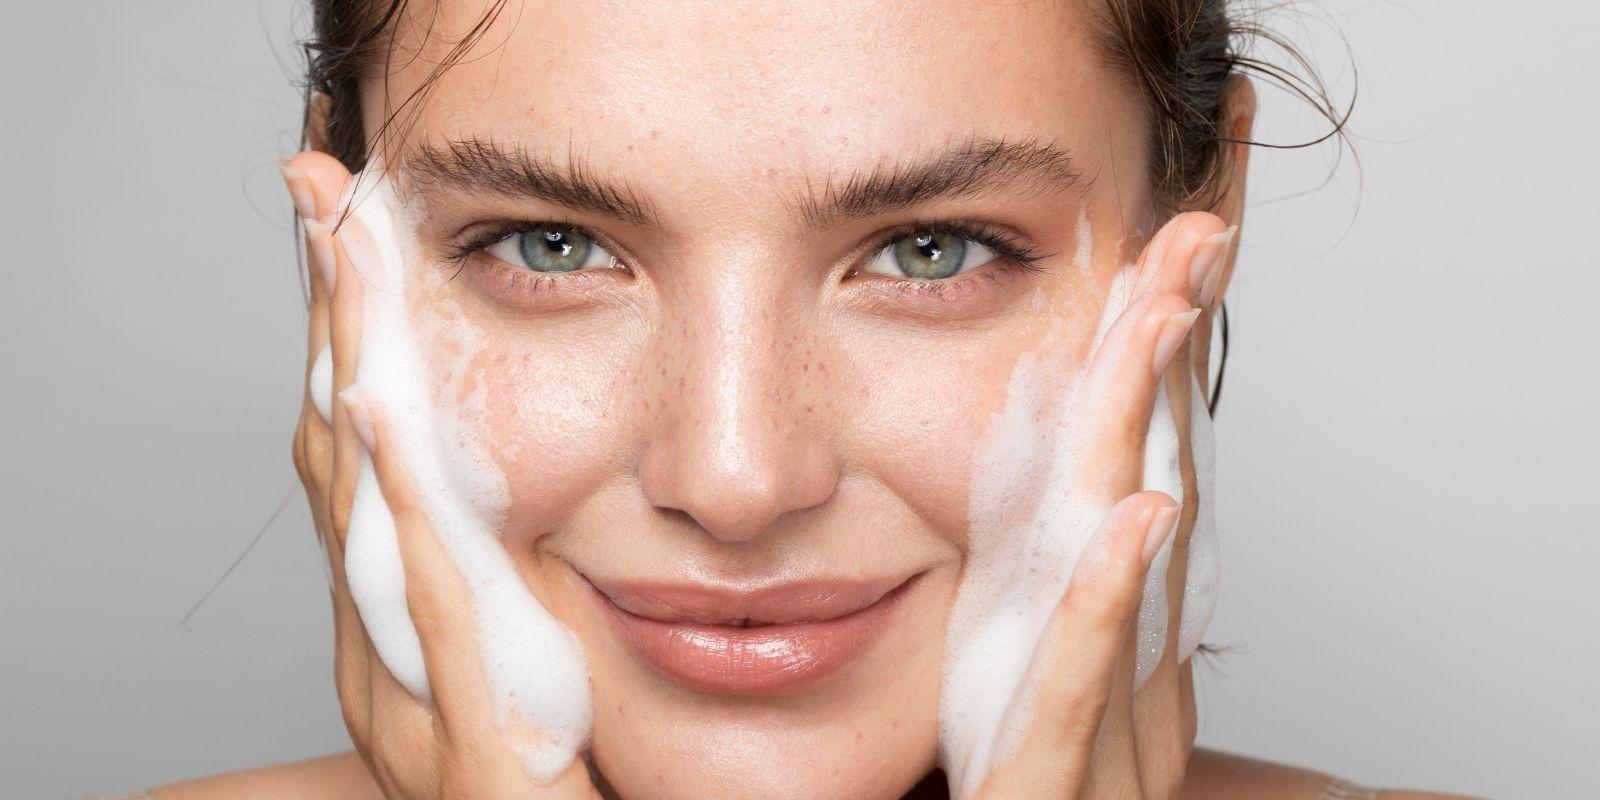 Površinsko čiščenje obraza za zdravo in sijočo kožo